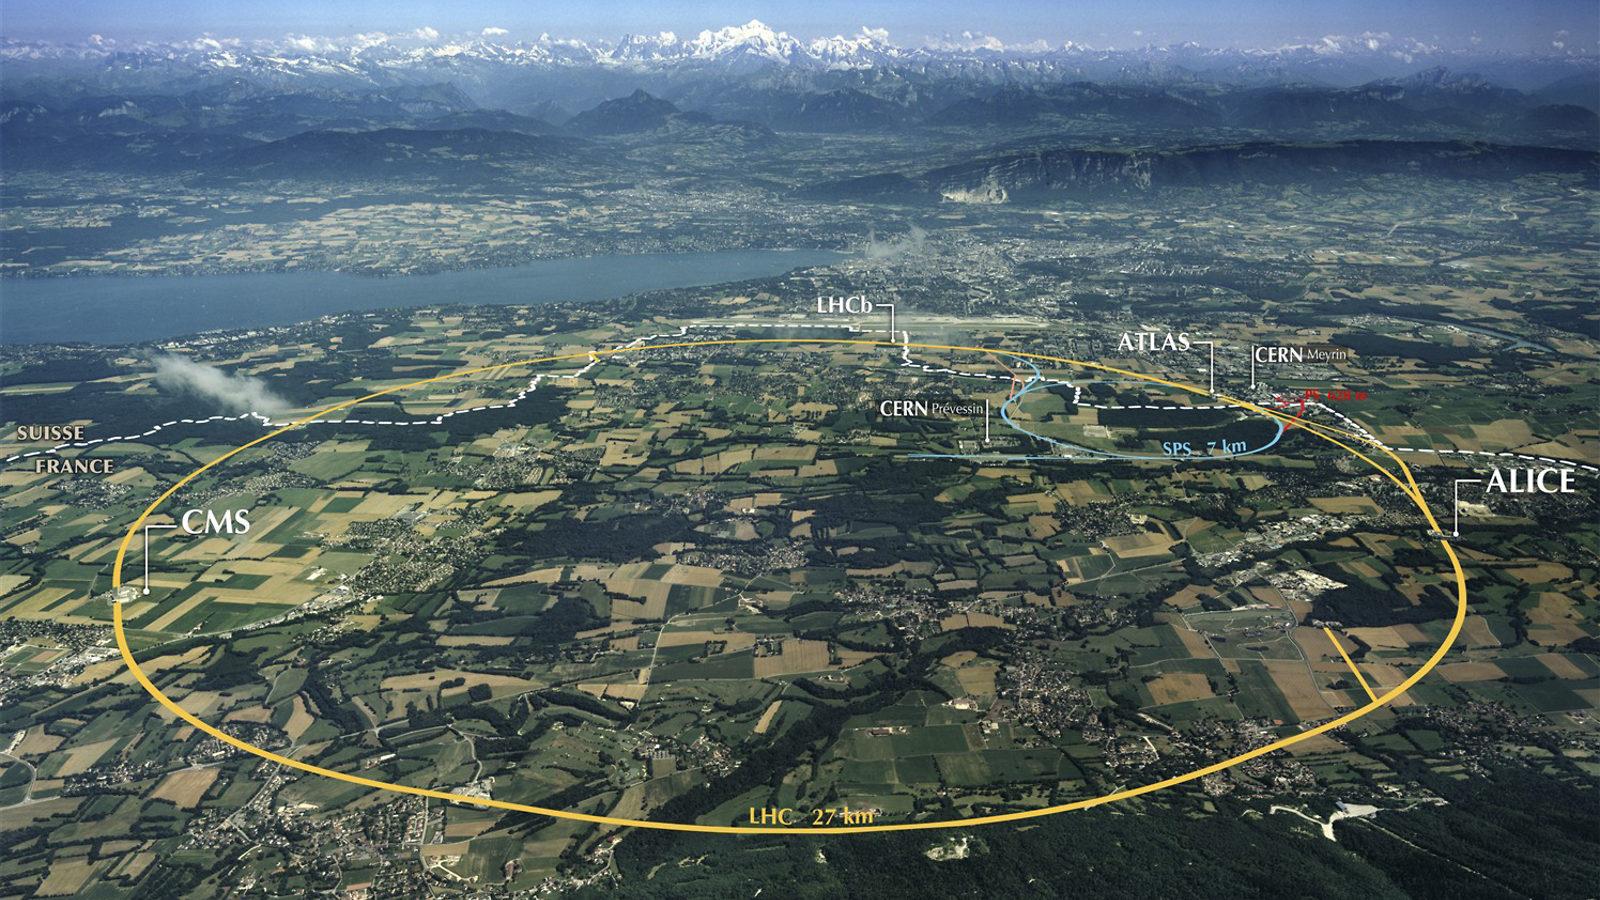 Image: LHC map